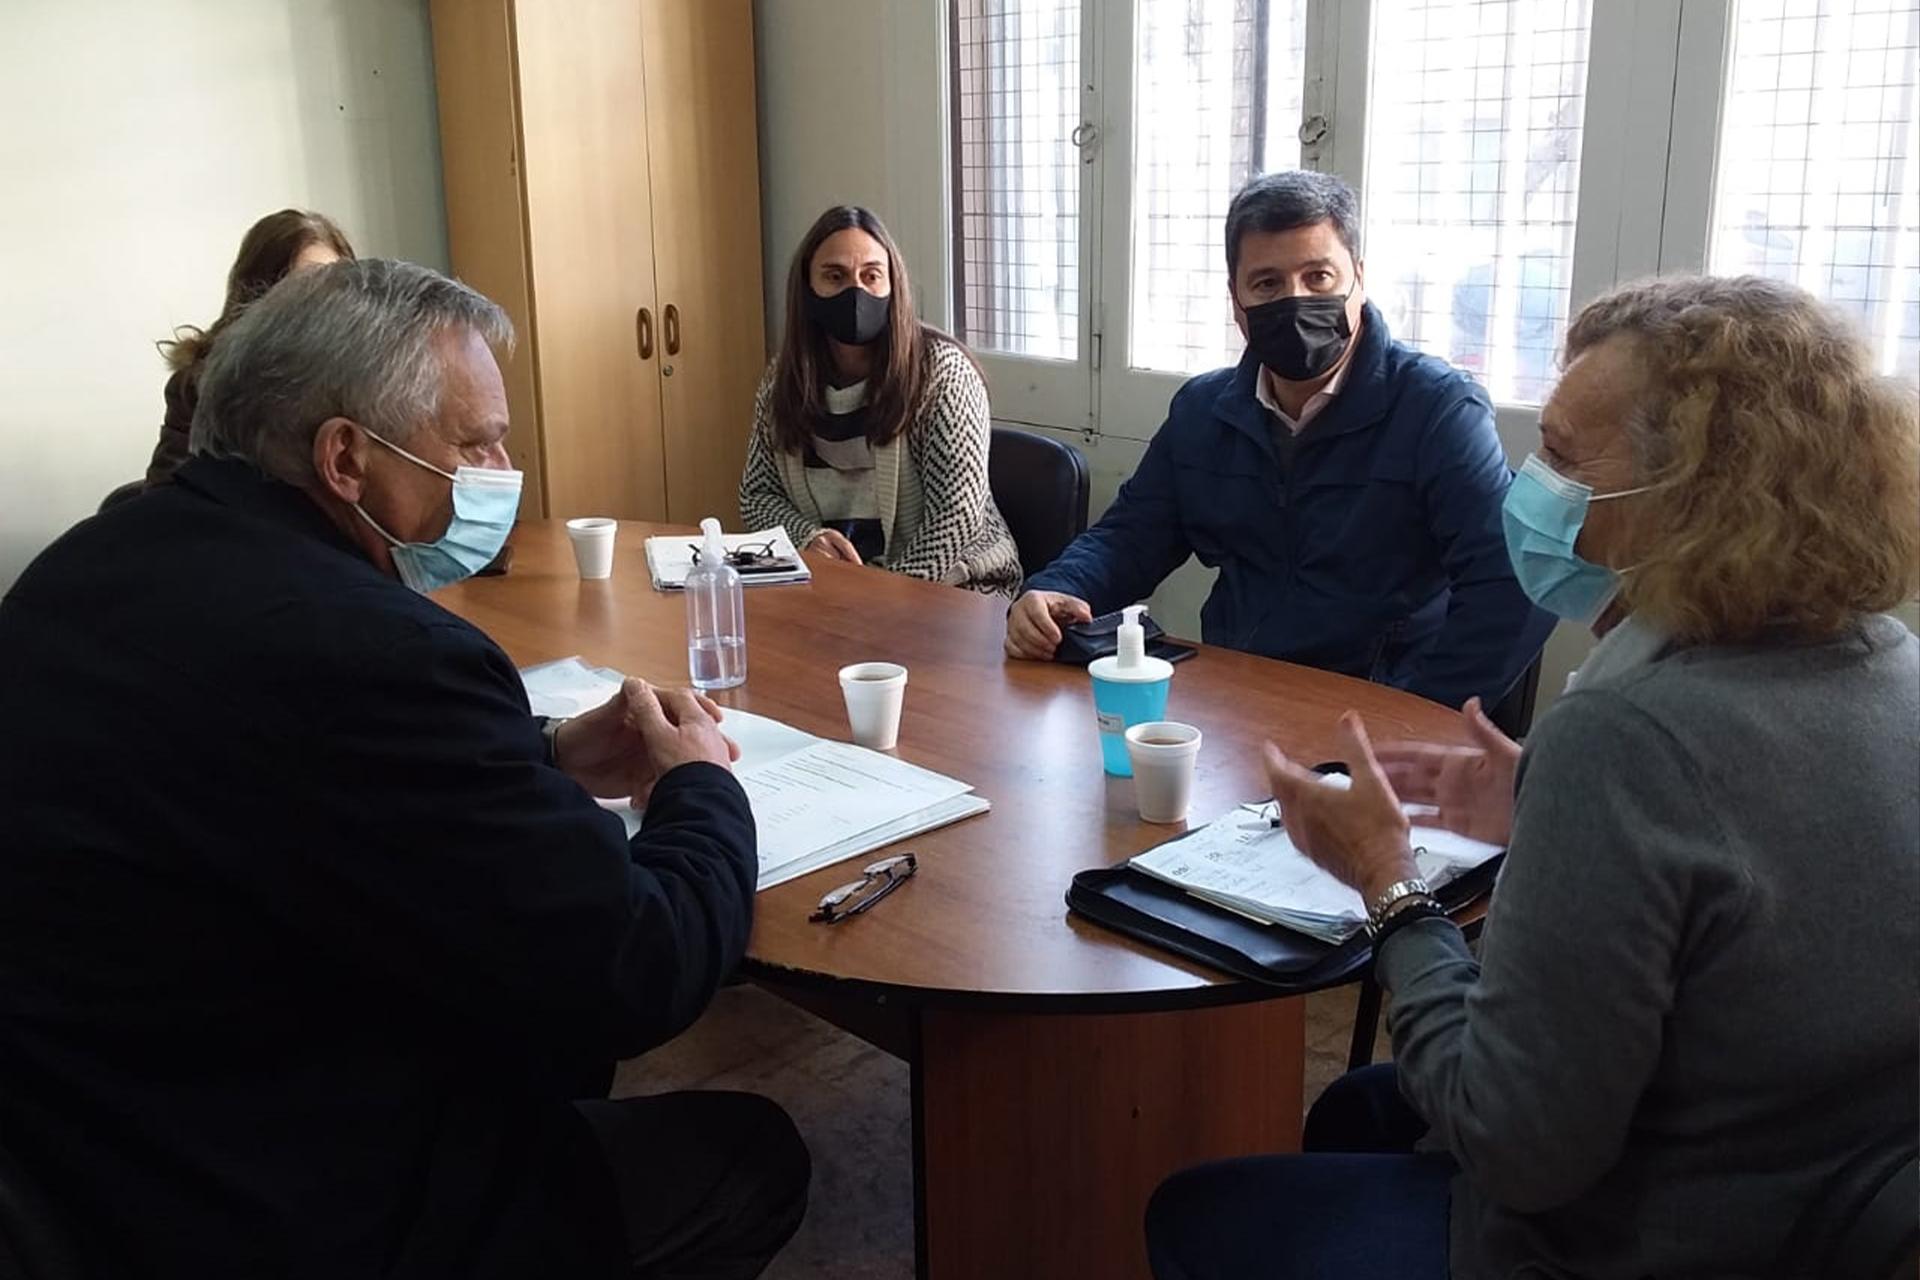 El gobierno provincial y la Municipalidad de Viale trabajan para concretar obras de accesibilidad e inclusión